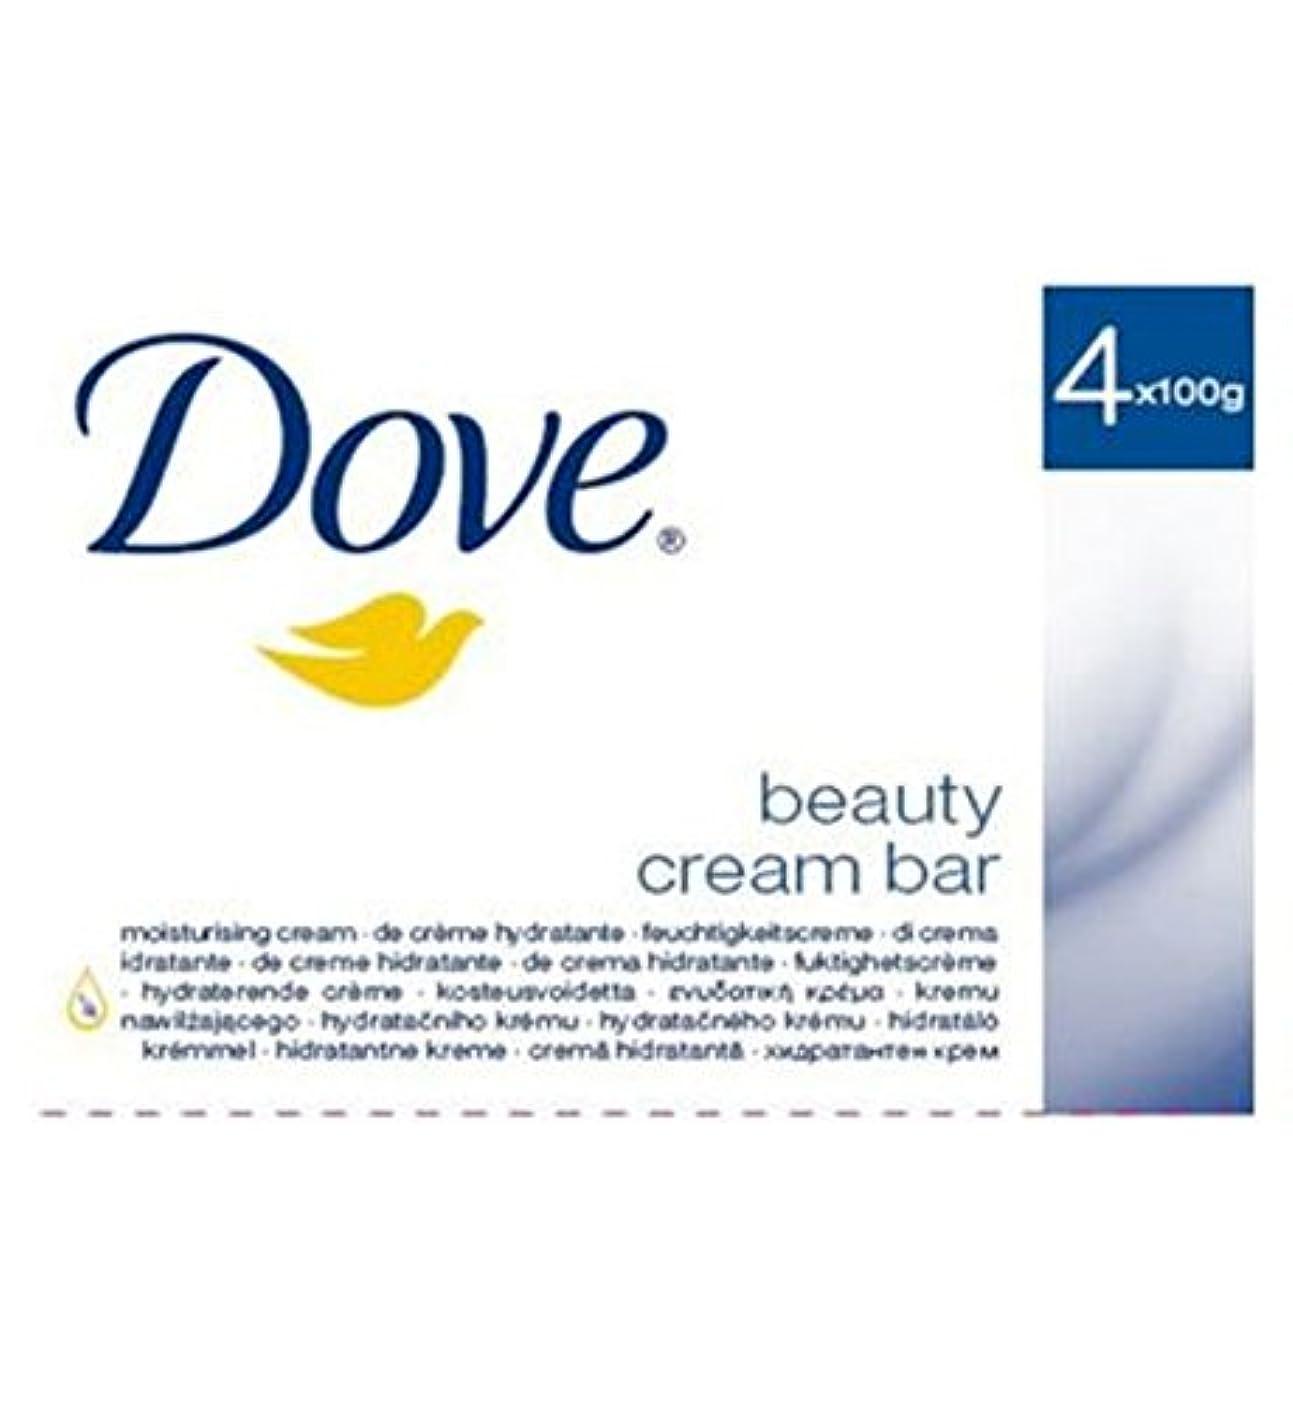 指紋狂気太字Dove Original Beauty Cream Bar 4 x 100g - 鳩元の美しさのクリームバー4のX 100グラム (Dove) [並行輸入品]